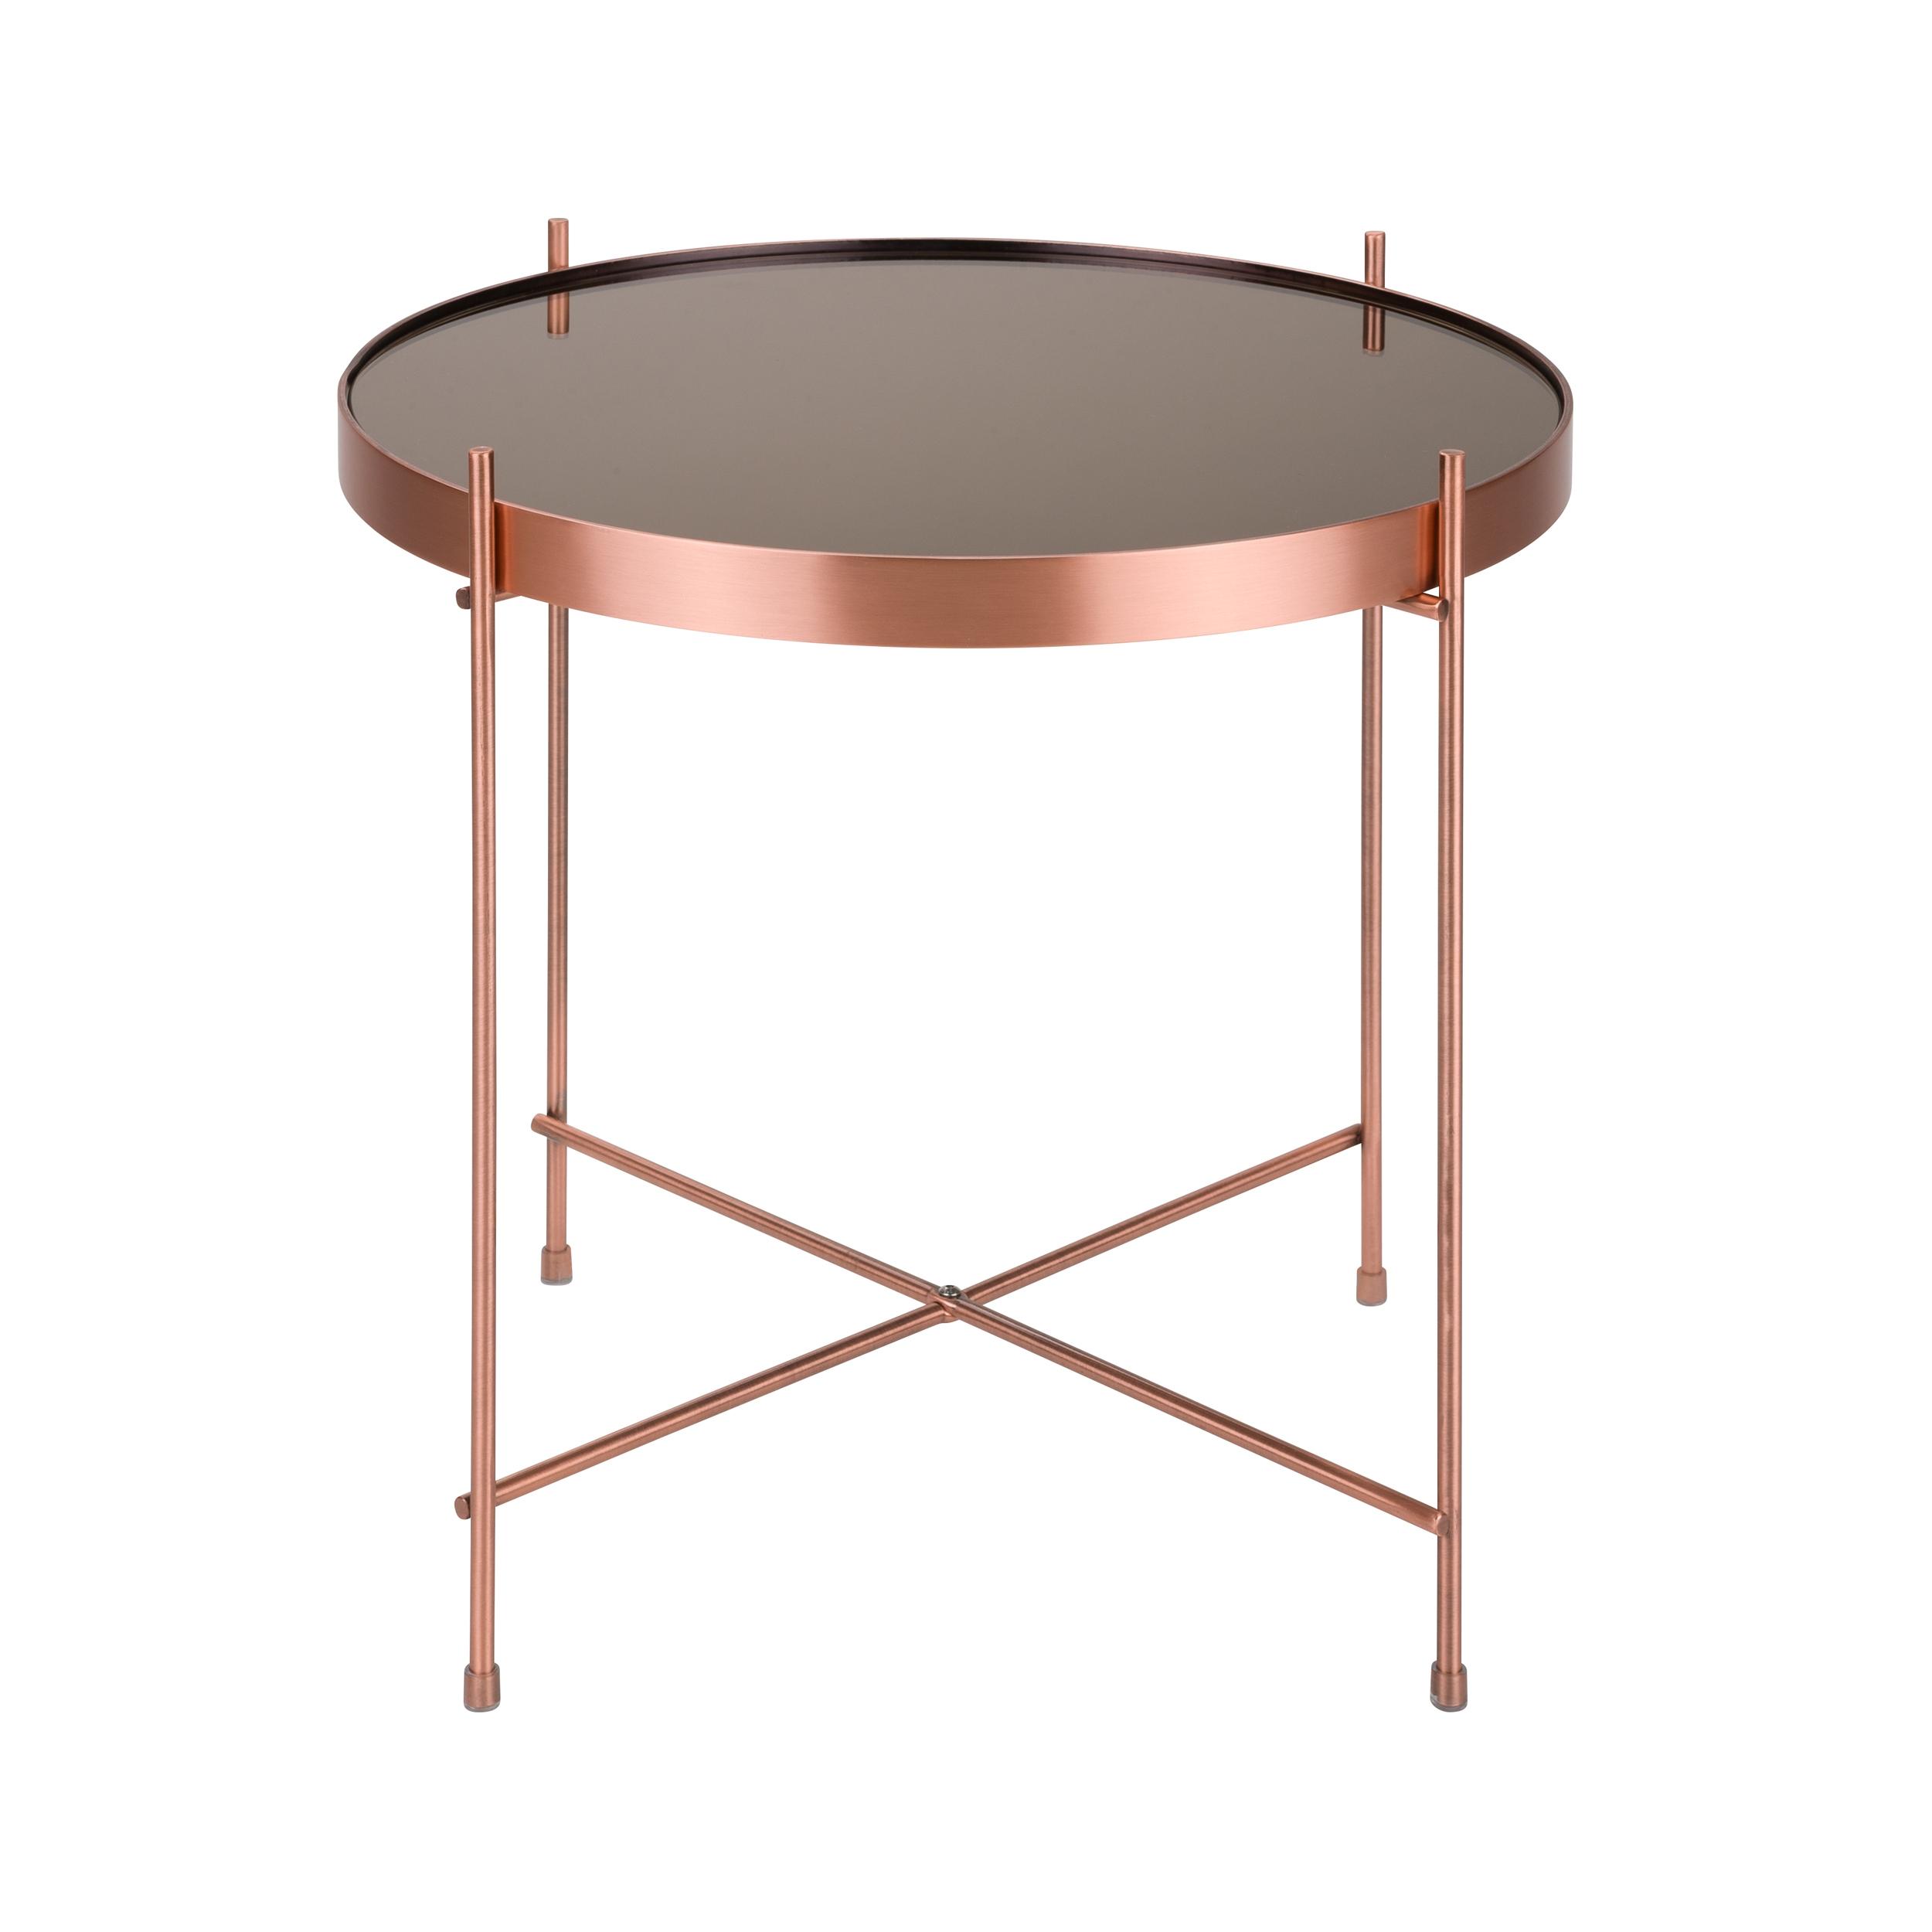 Table basse ronde S en métal cuivre et plateau en verre